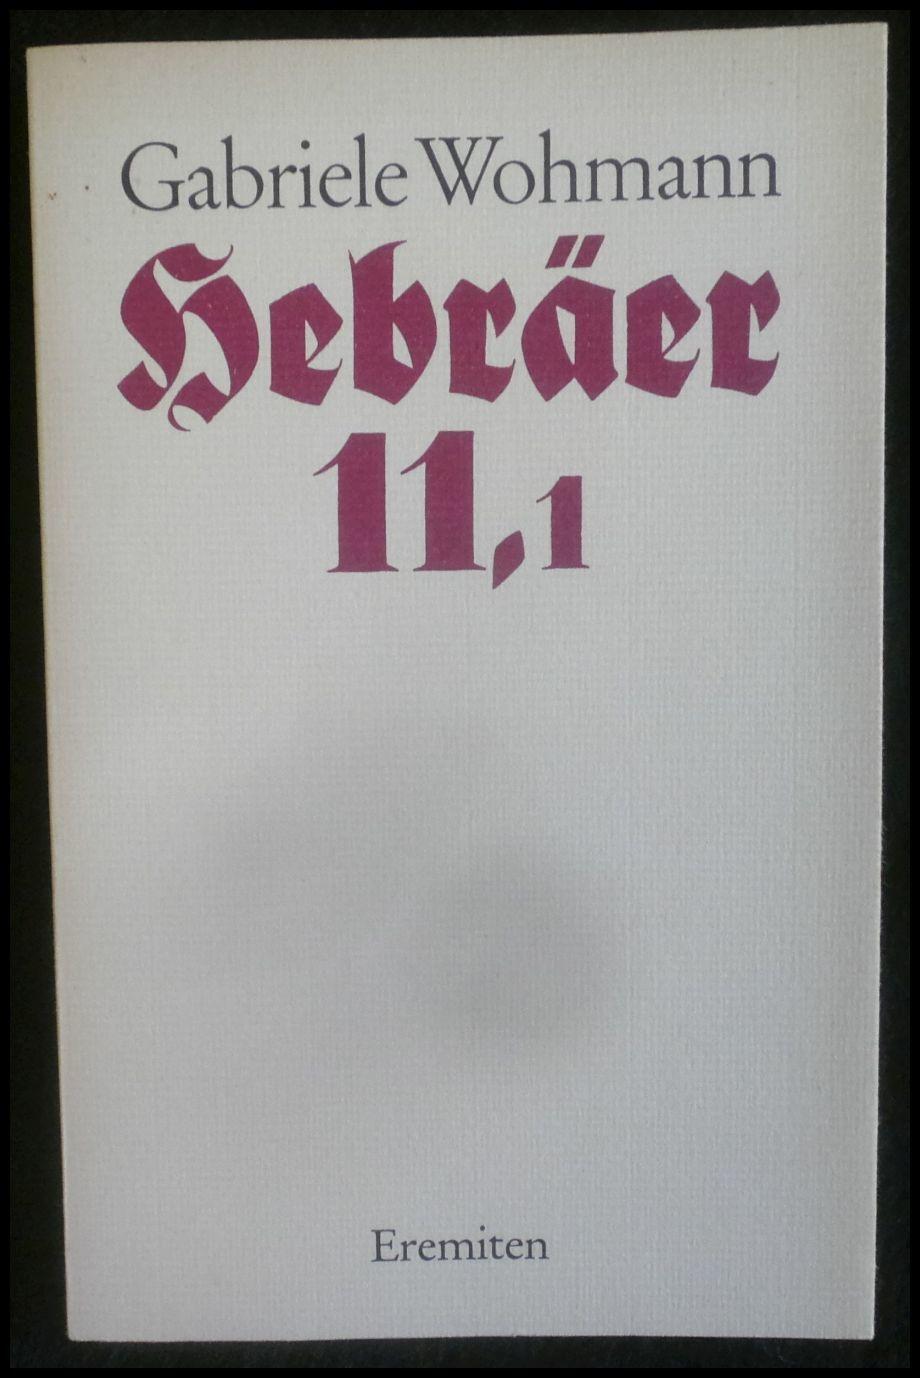 Gabriele Wohmann Hebräer 11,1: Ein Hörspiel Reihe Broschur Nr.134 signiertes Exemplar - Wohmann, Gabriele